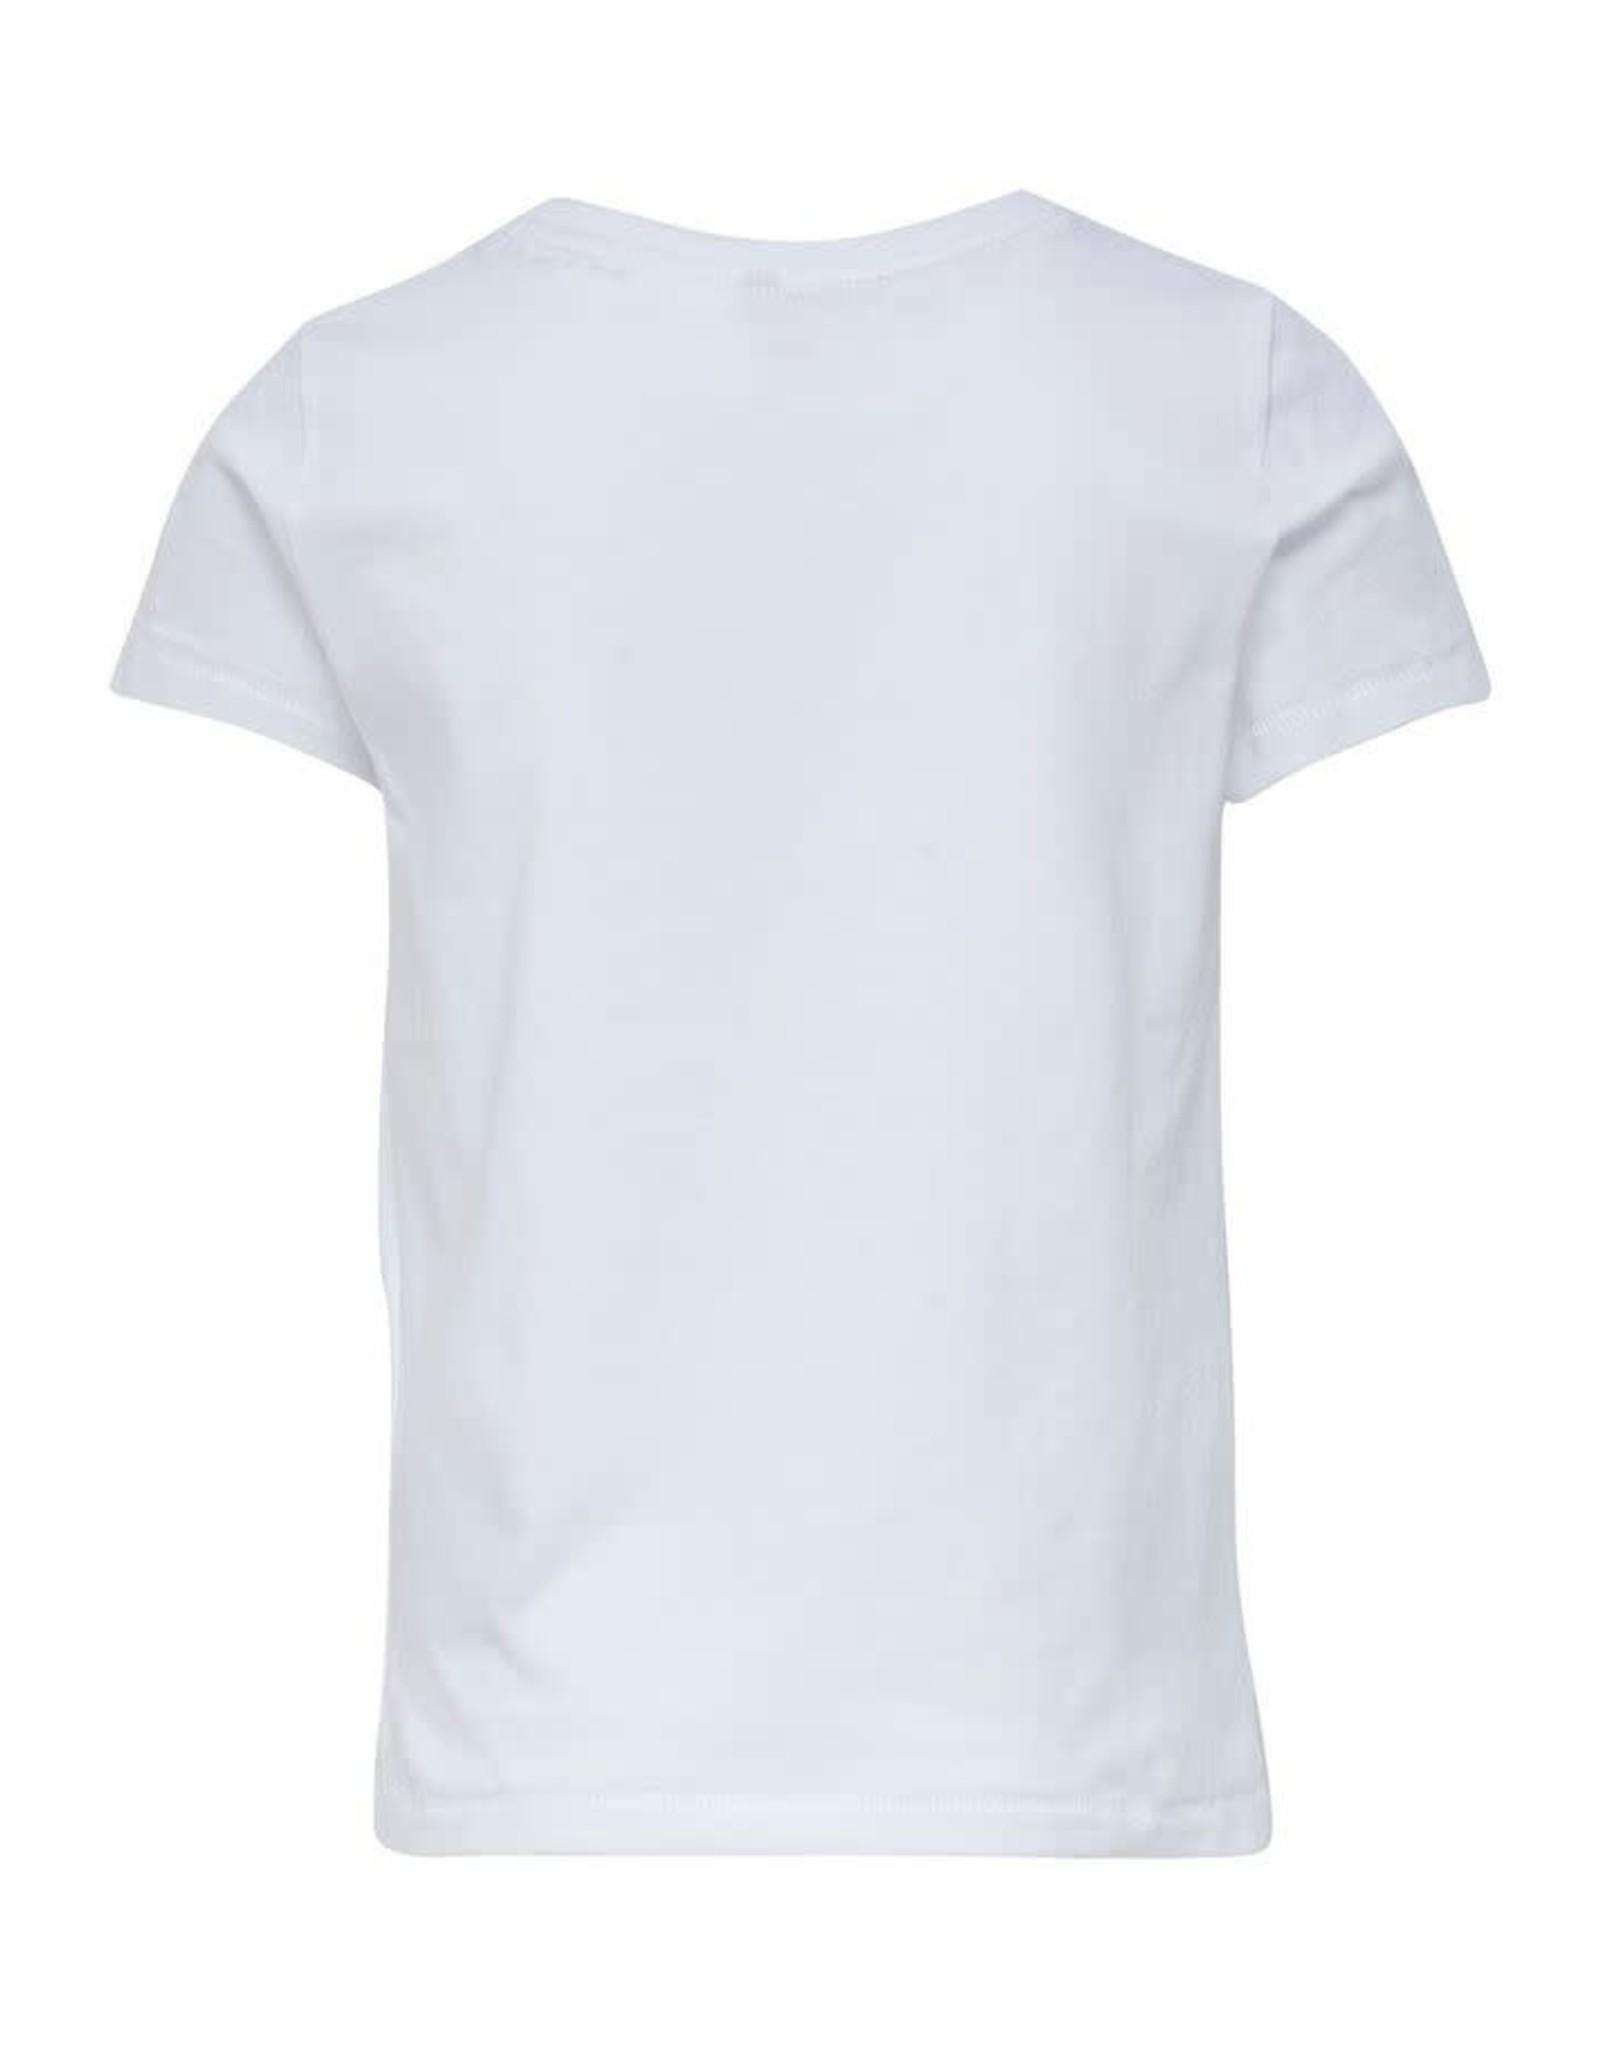 KIDS ONLY Witte t-shirt met bloem bedrukking